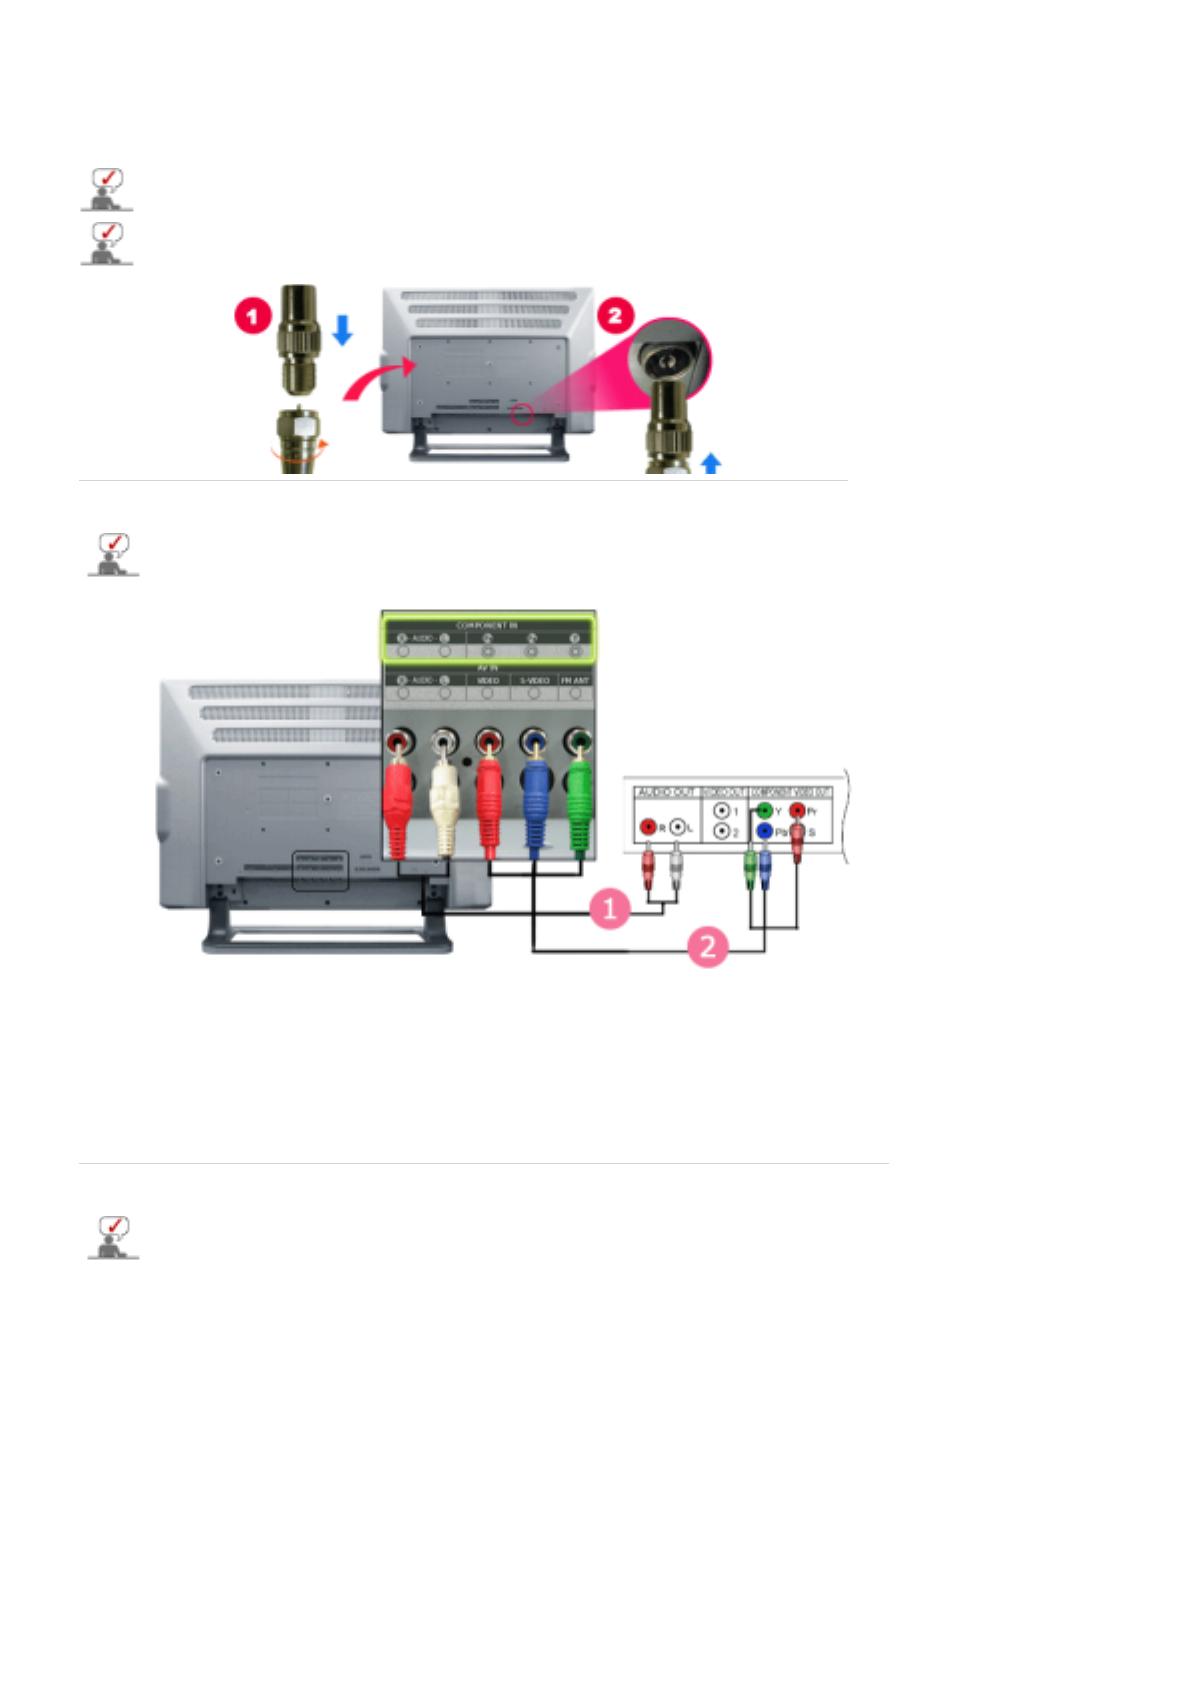 Samsung 242mp 20050318172557328 Bn59 00391d 00lat Asv Pt 80 Wiring Diagram 3 Atlasiet Tv Izmantojot Pogu Source Avots Kas Atrodas Starp Rjo Signlu Noregulanas Pogm